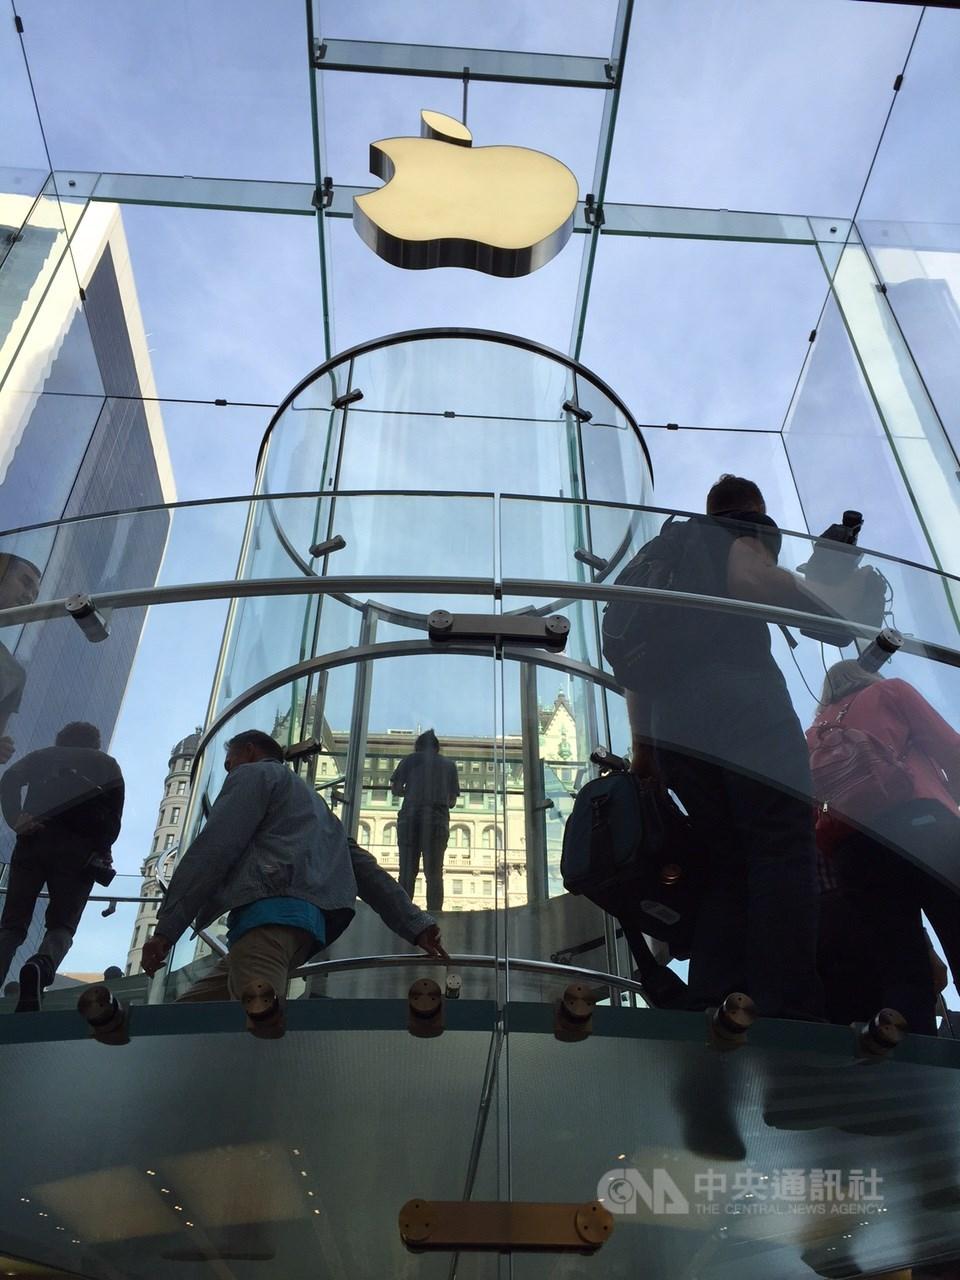 外媒報導,由於武漢肺炎疫情擴散,蘋果已決定持續關閉位於美國的零售店直到5月初。(中央社檔案照片)